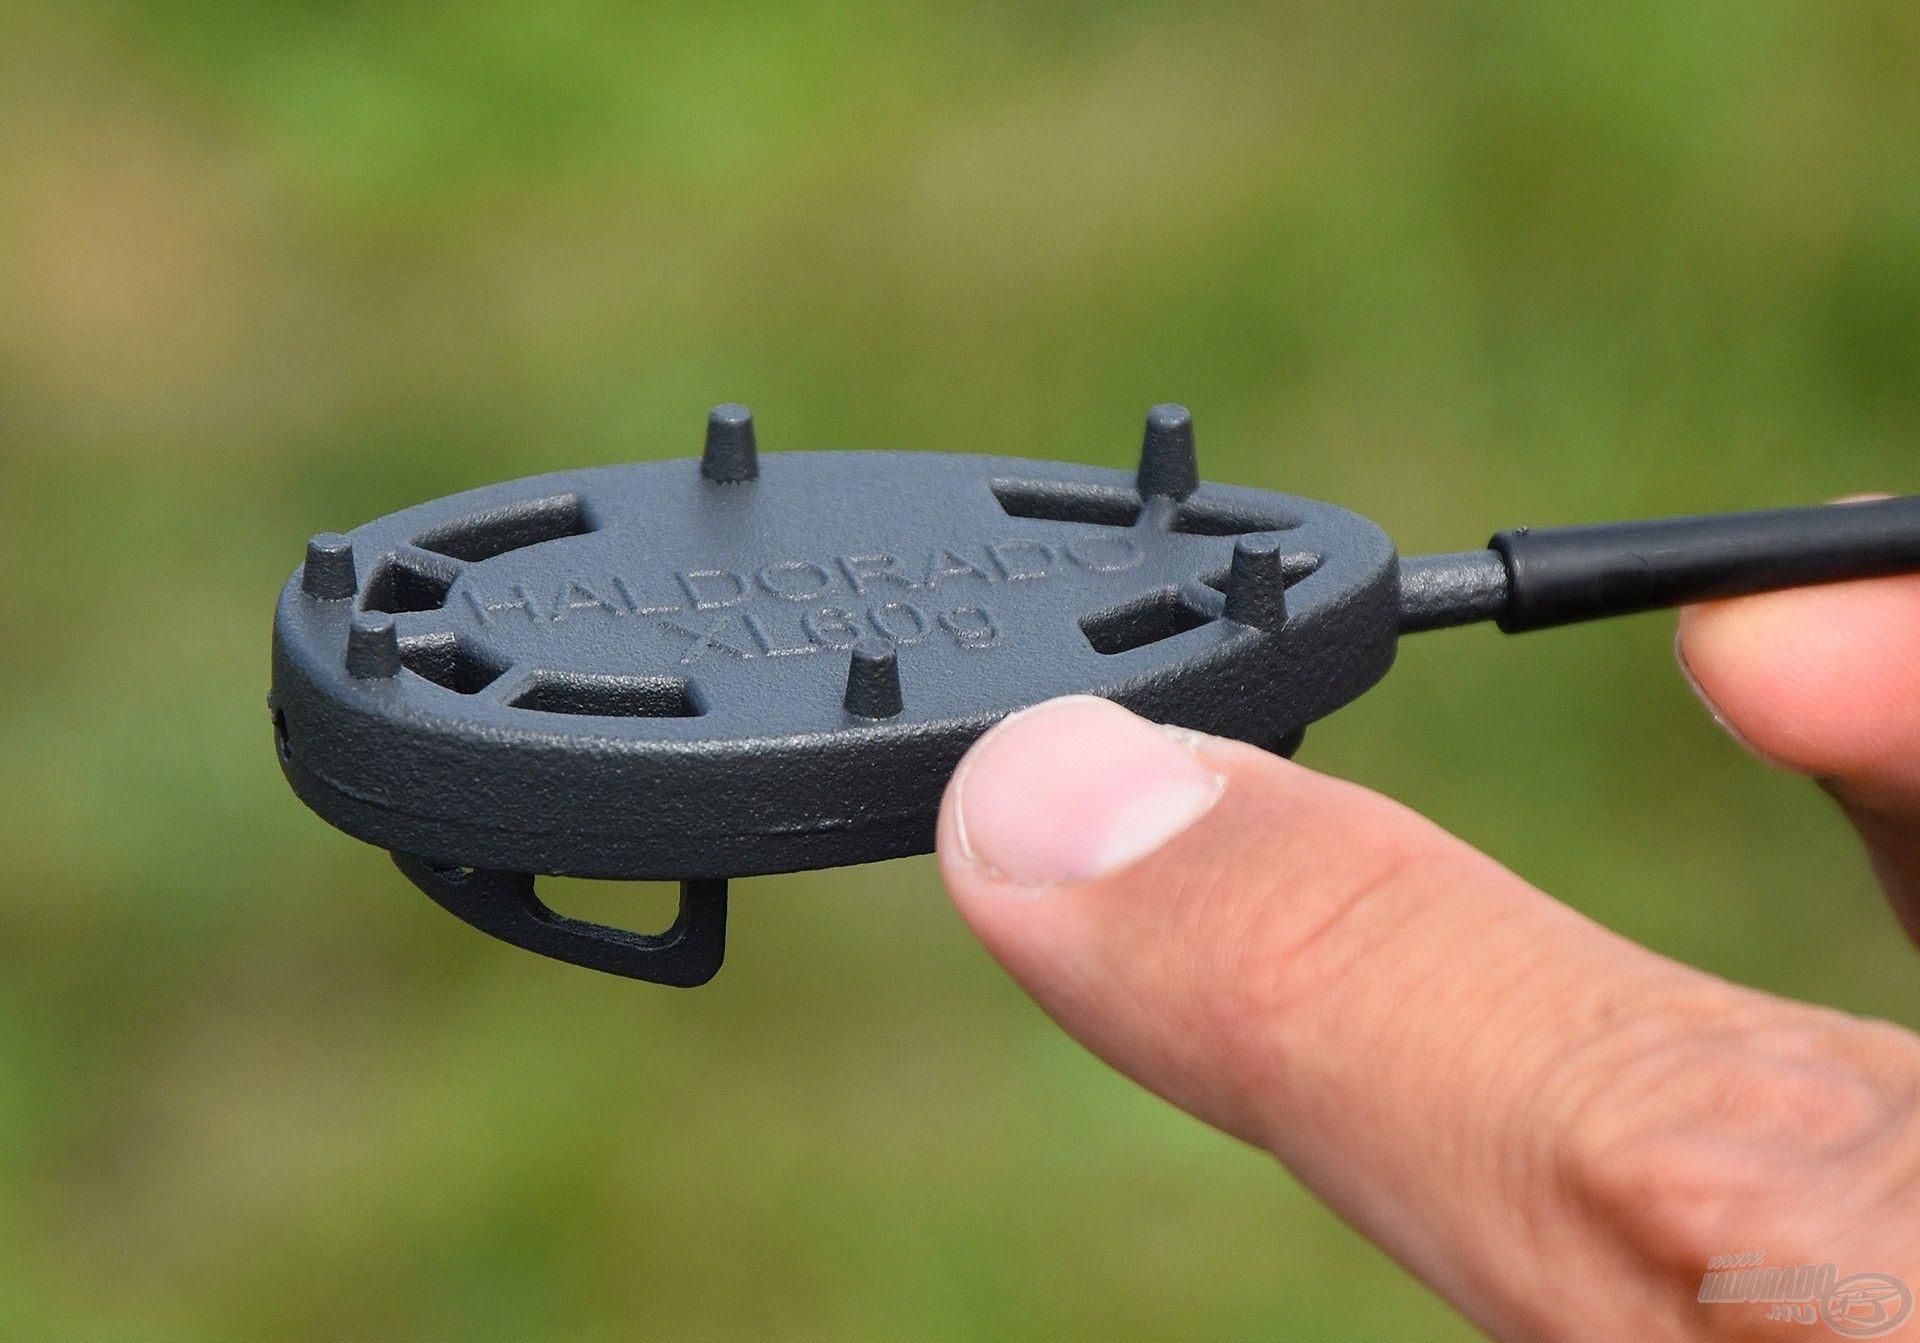 A Dart Metal alján 6 db kapaszkodó karom van, mely a fenéken stabilizálja a kosarat